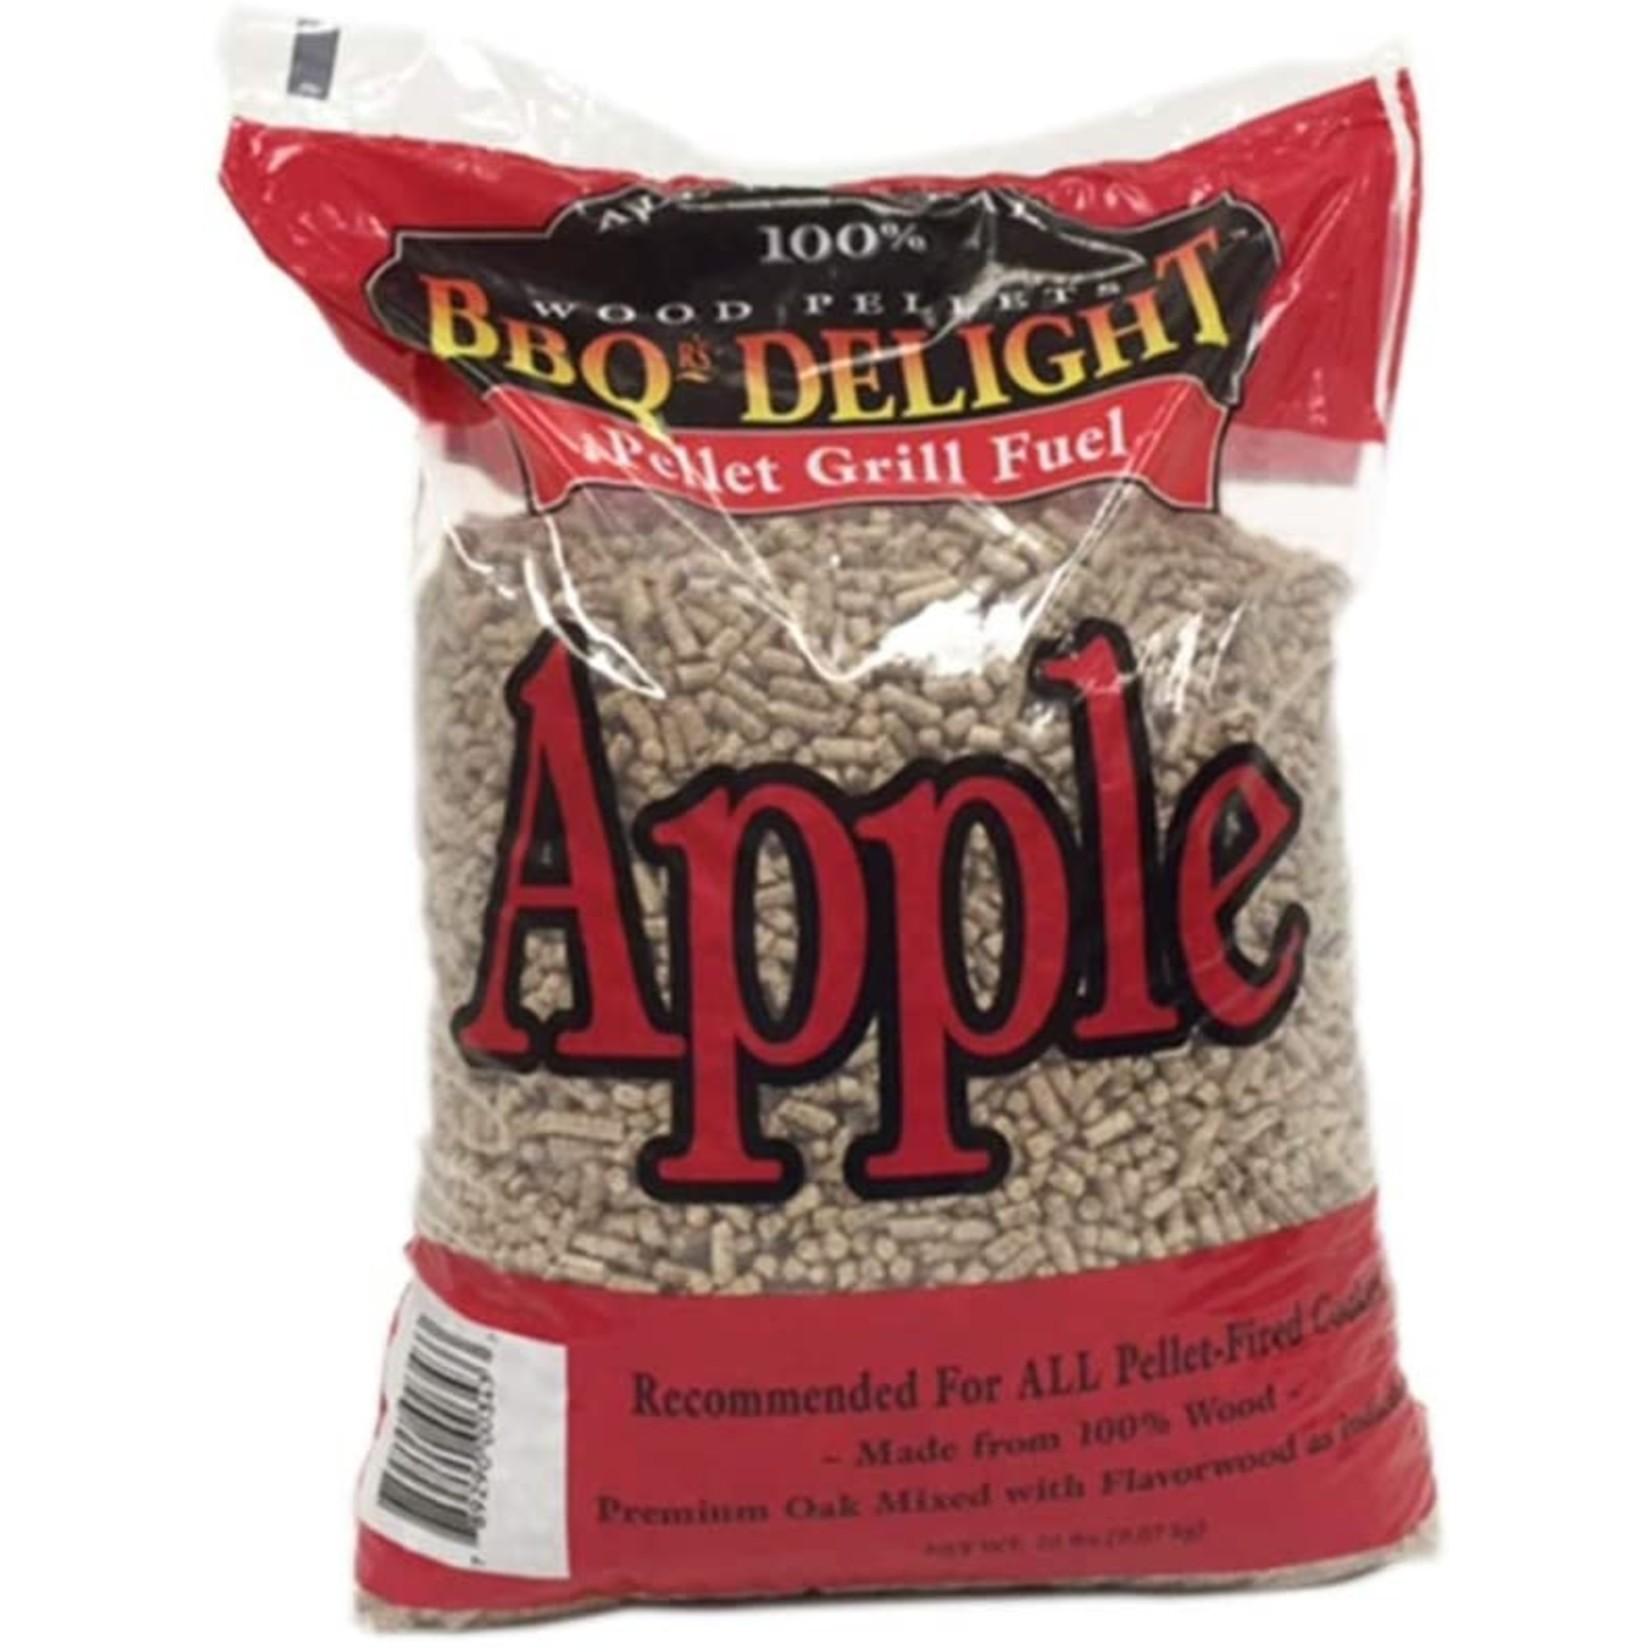 BBQrs Delight Pellet grill fuel Apple